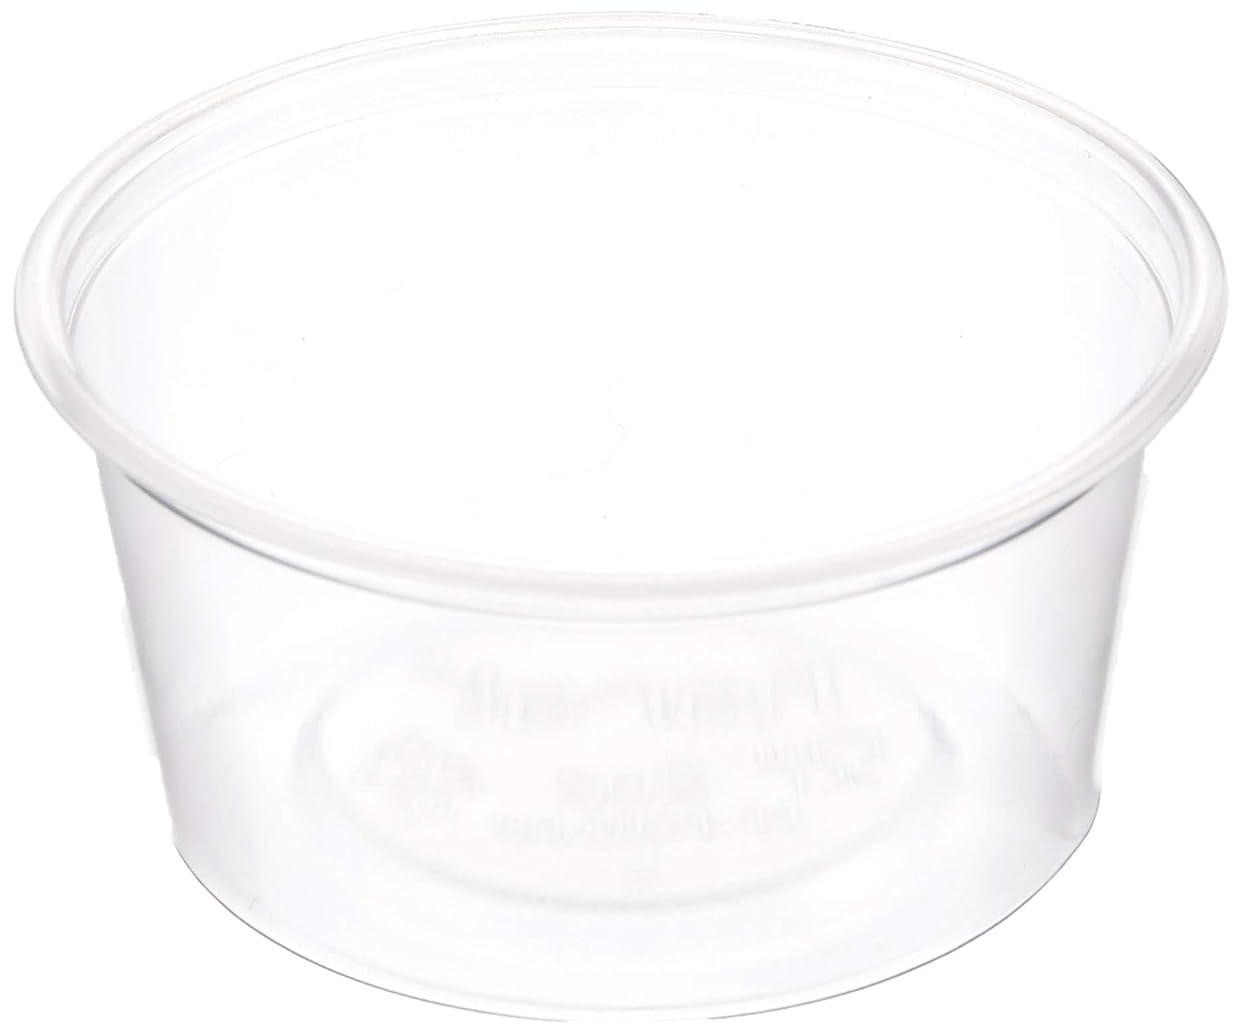 ソファーアイザック再集計ニッチプラス 業務用 小さい ディップソースカップ フタ付 2オンス(60ml) 50個入